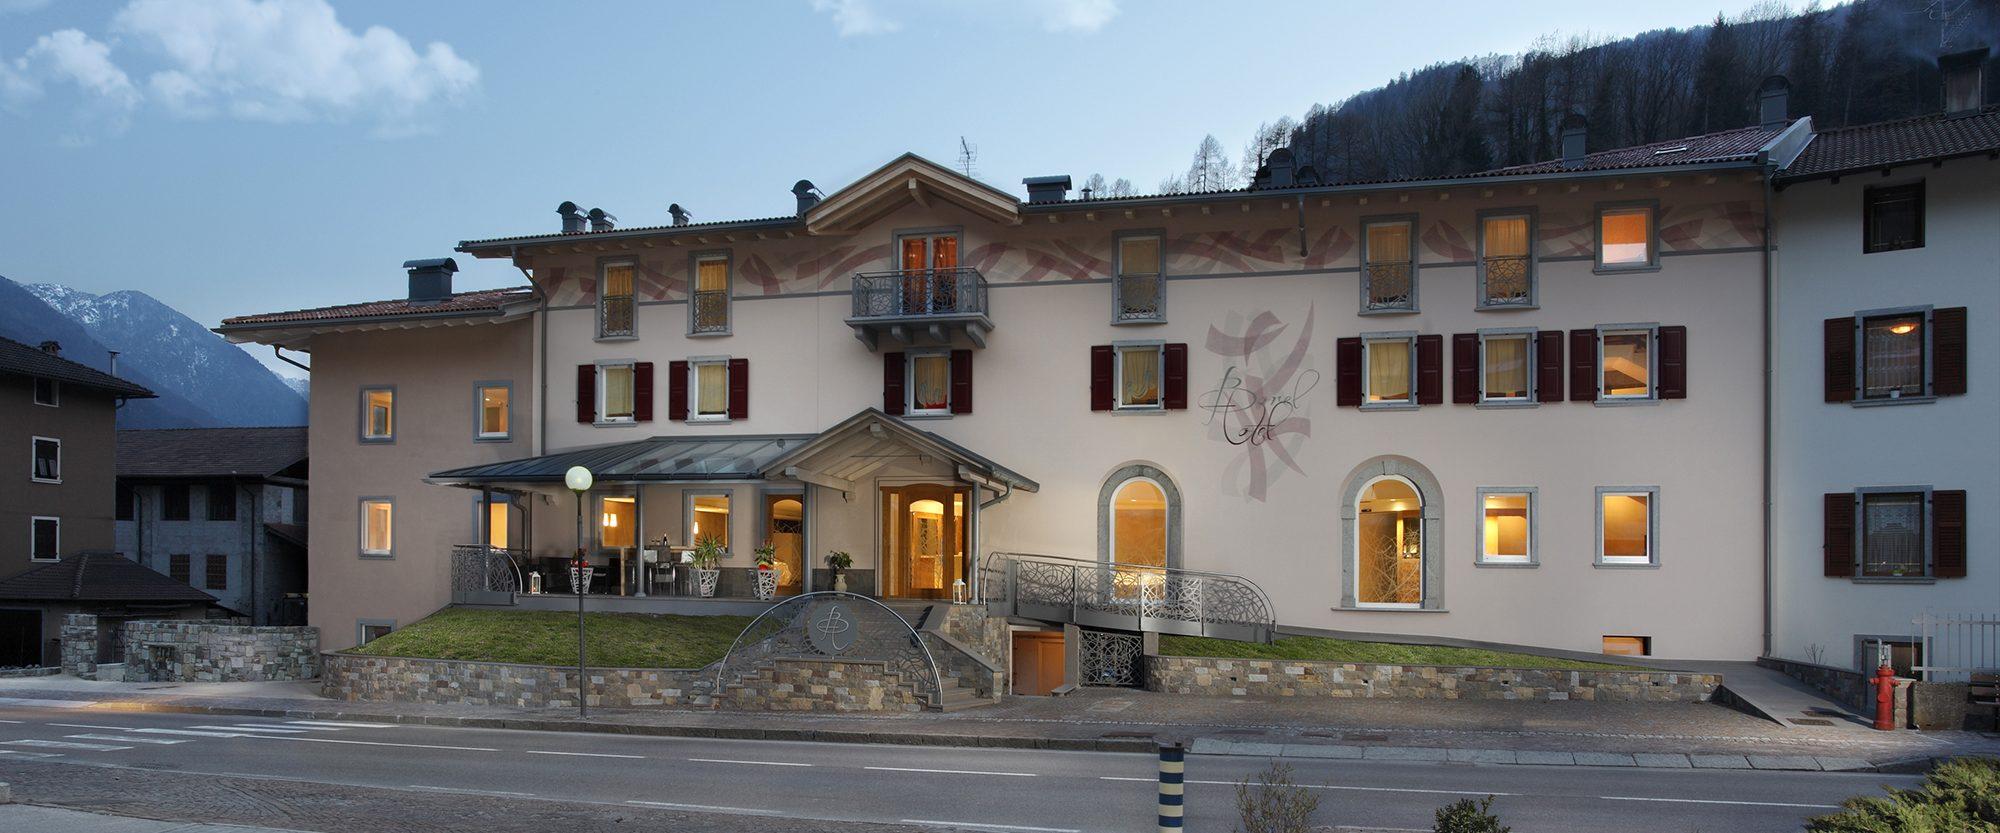 Benvenuti al Borel Hotel 2